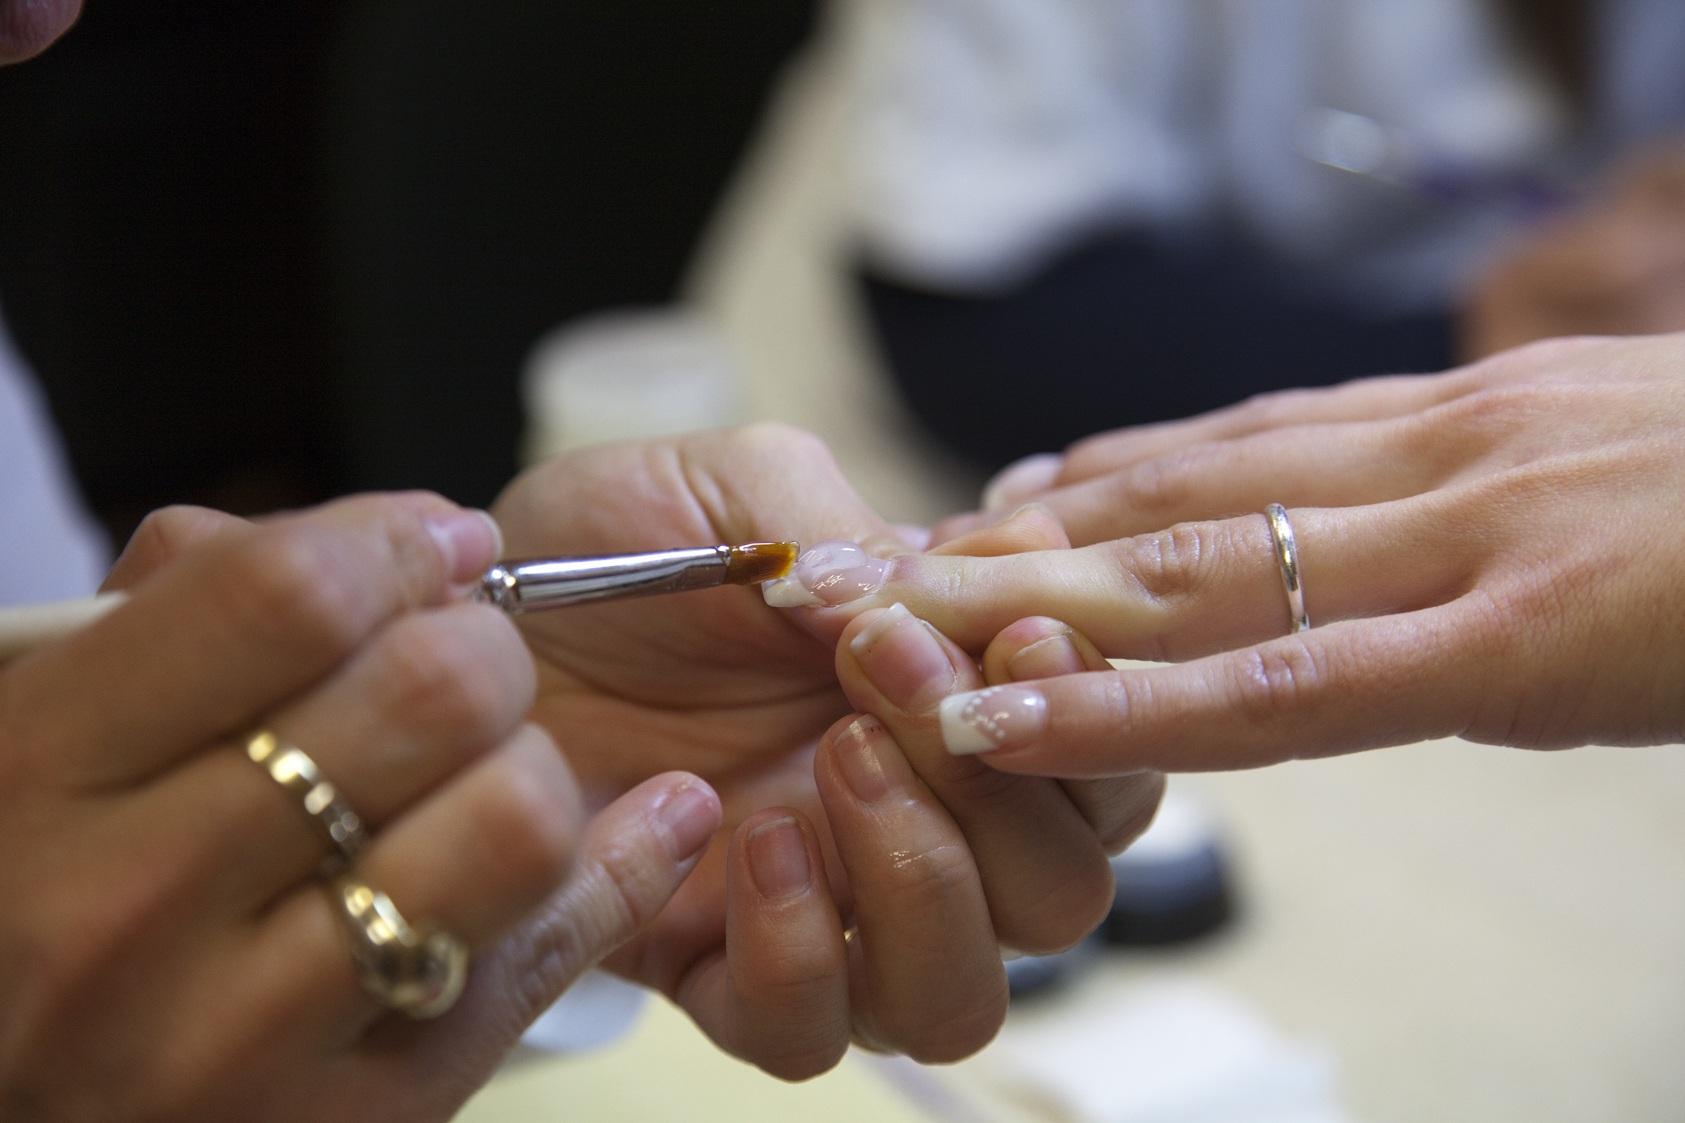 Corso Ricostruzione Unghie Roma - corso onicotecnica roma nail art